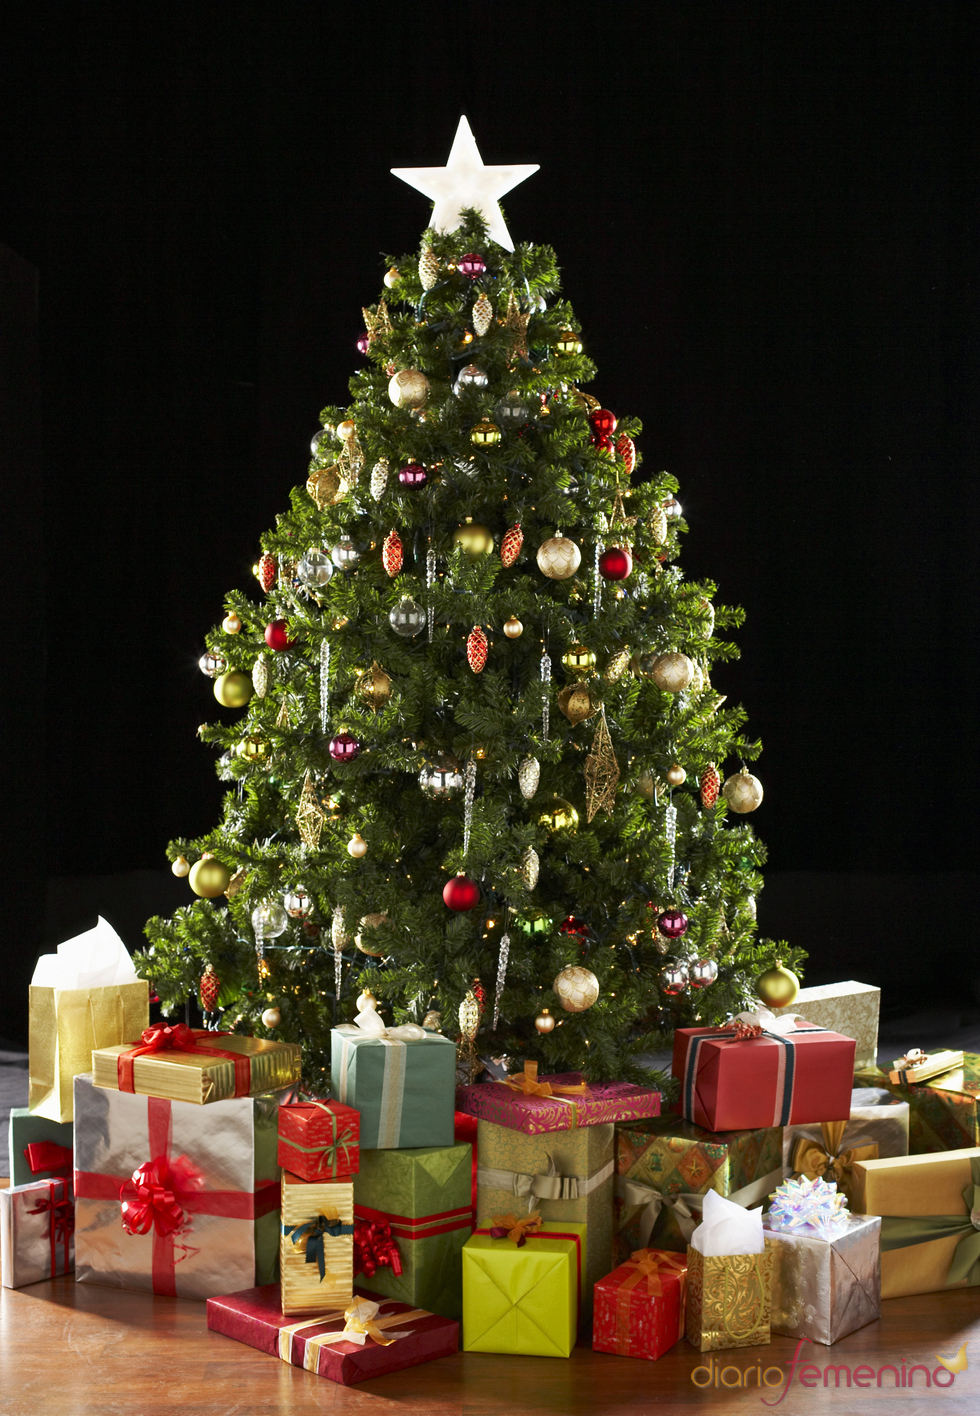 tradicional rbol de navidad - Arbol De Navidad